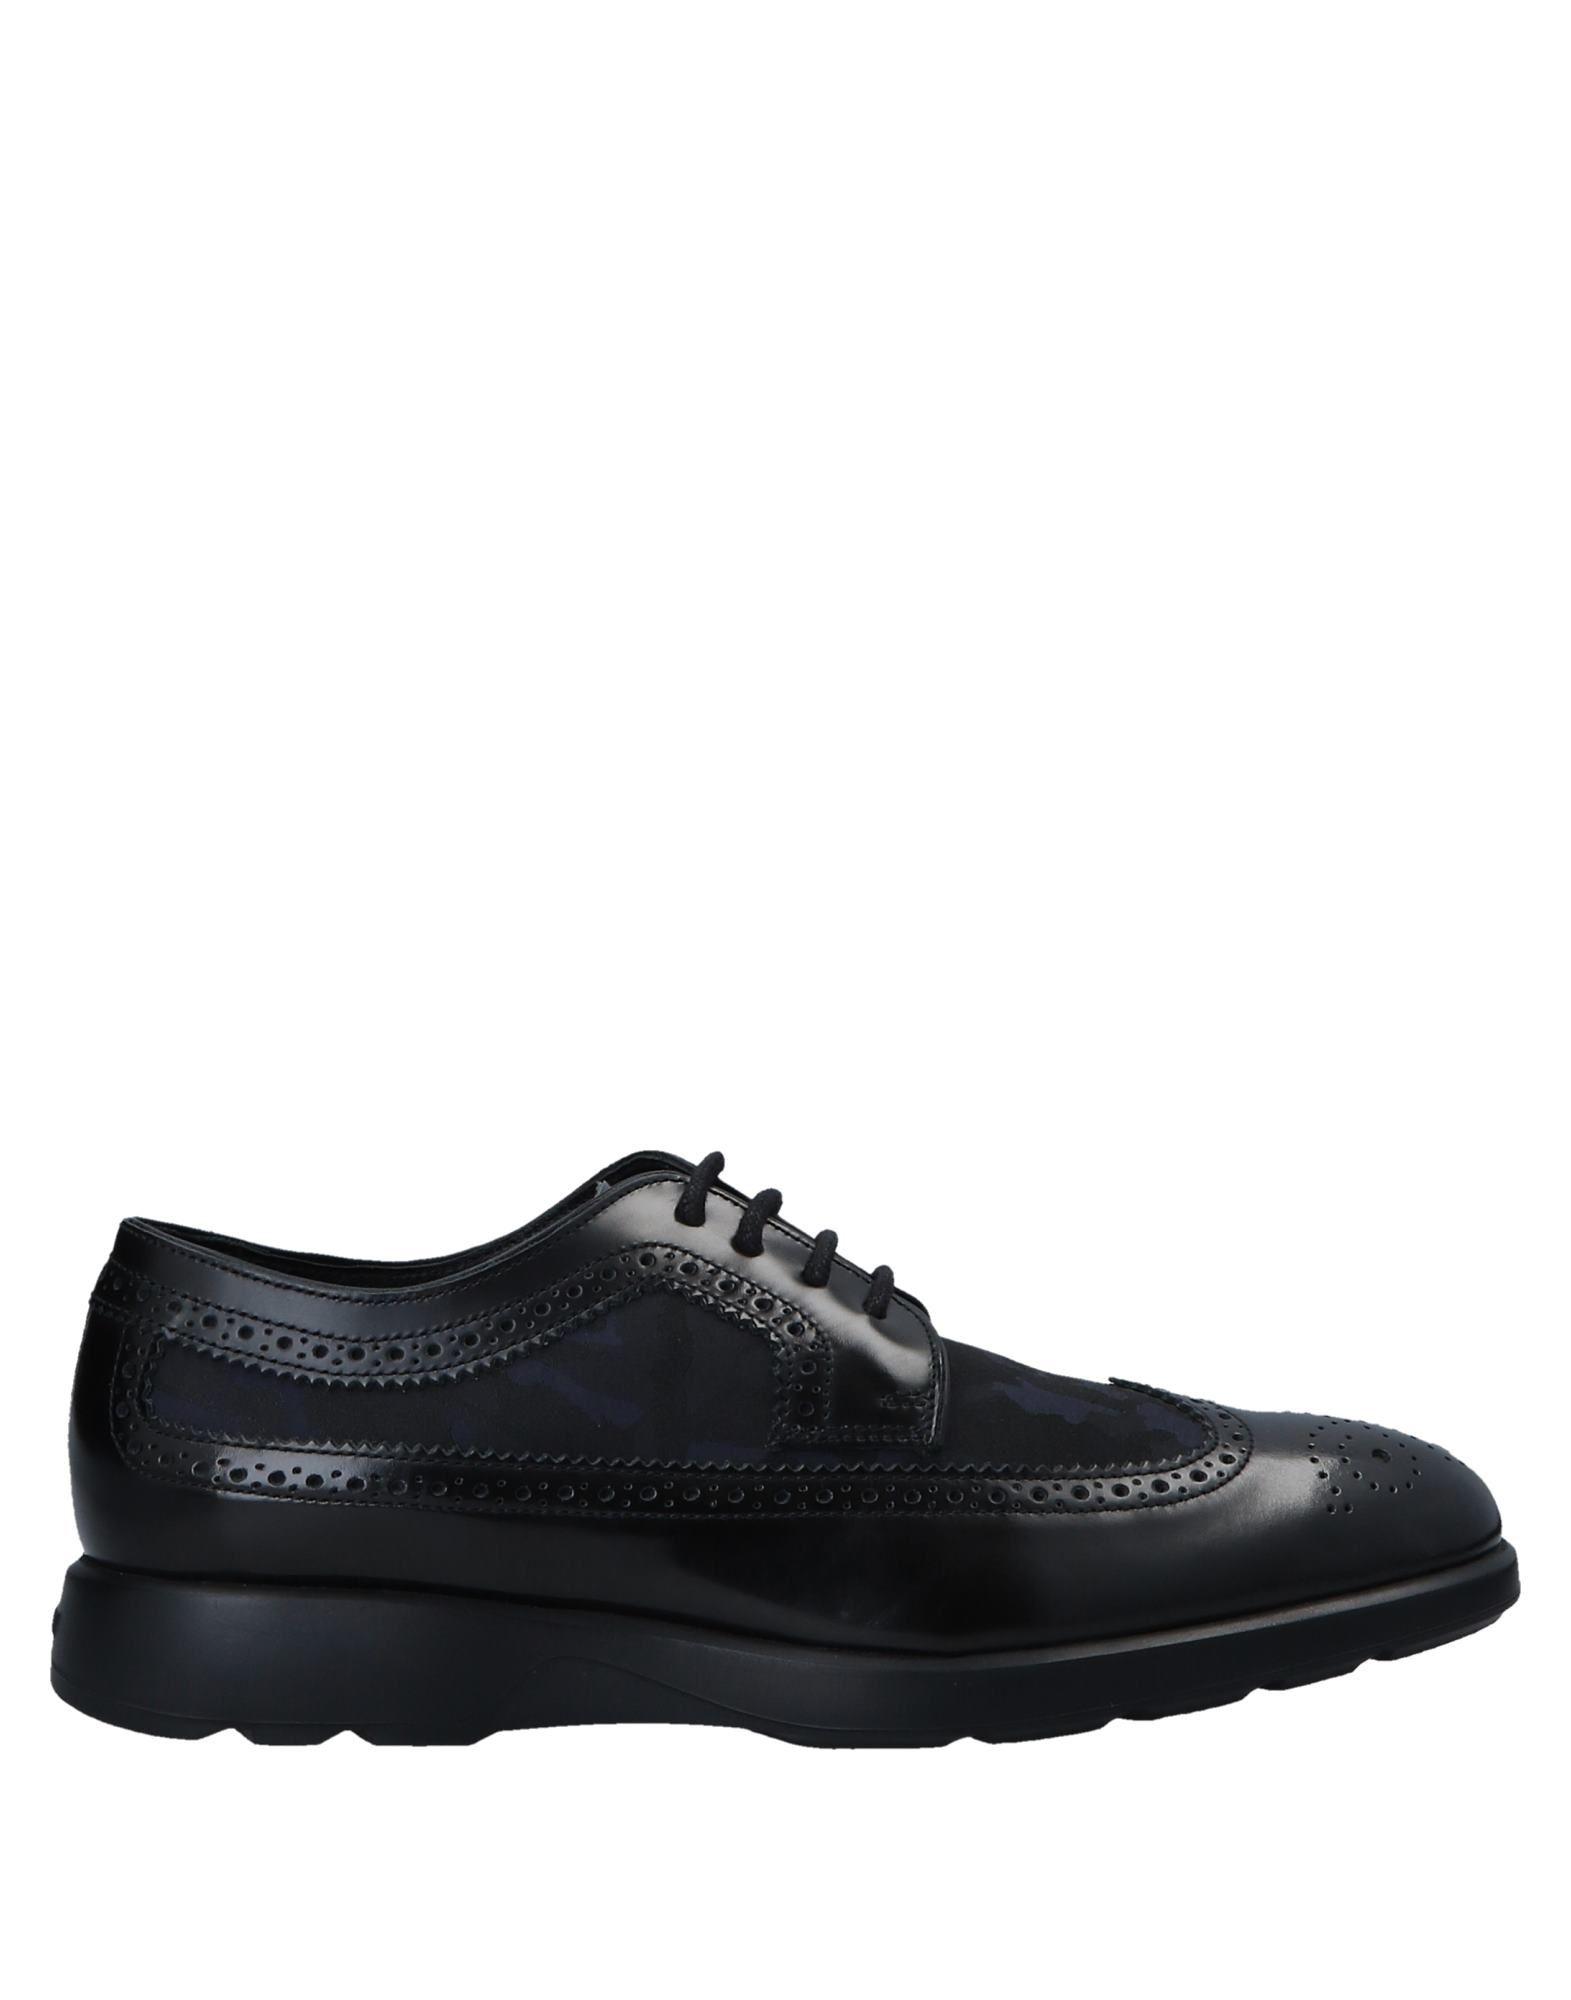 Sneakers Rkkr Donna - 11476451UJ Scarpe economiche e buone